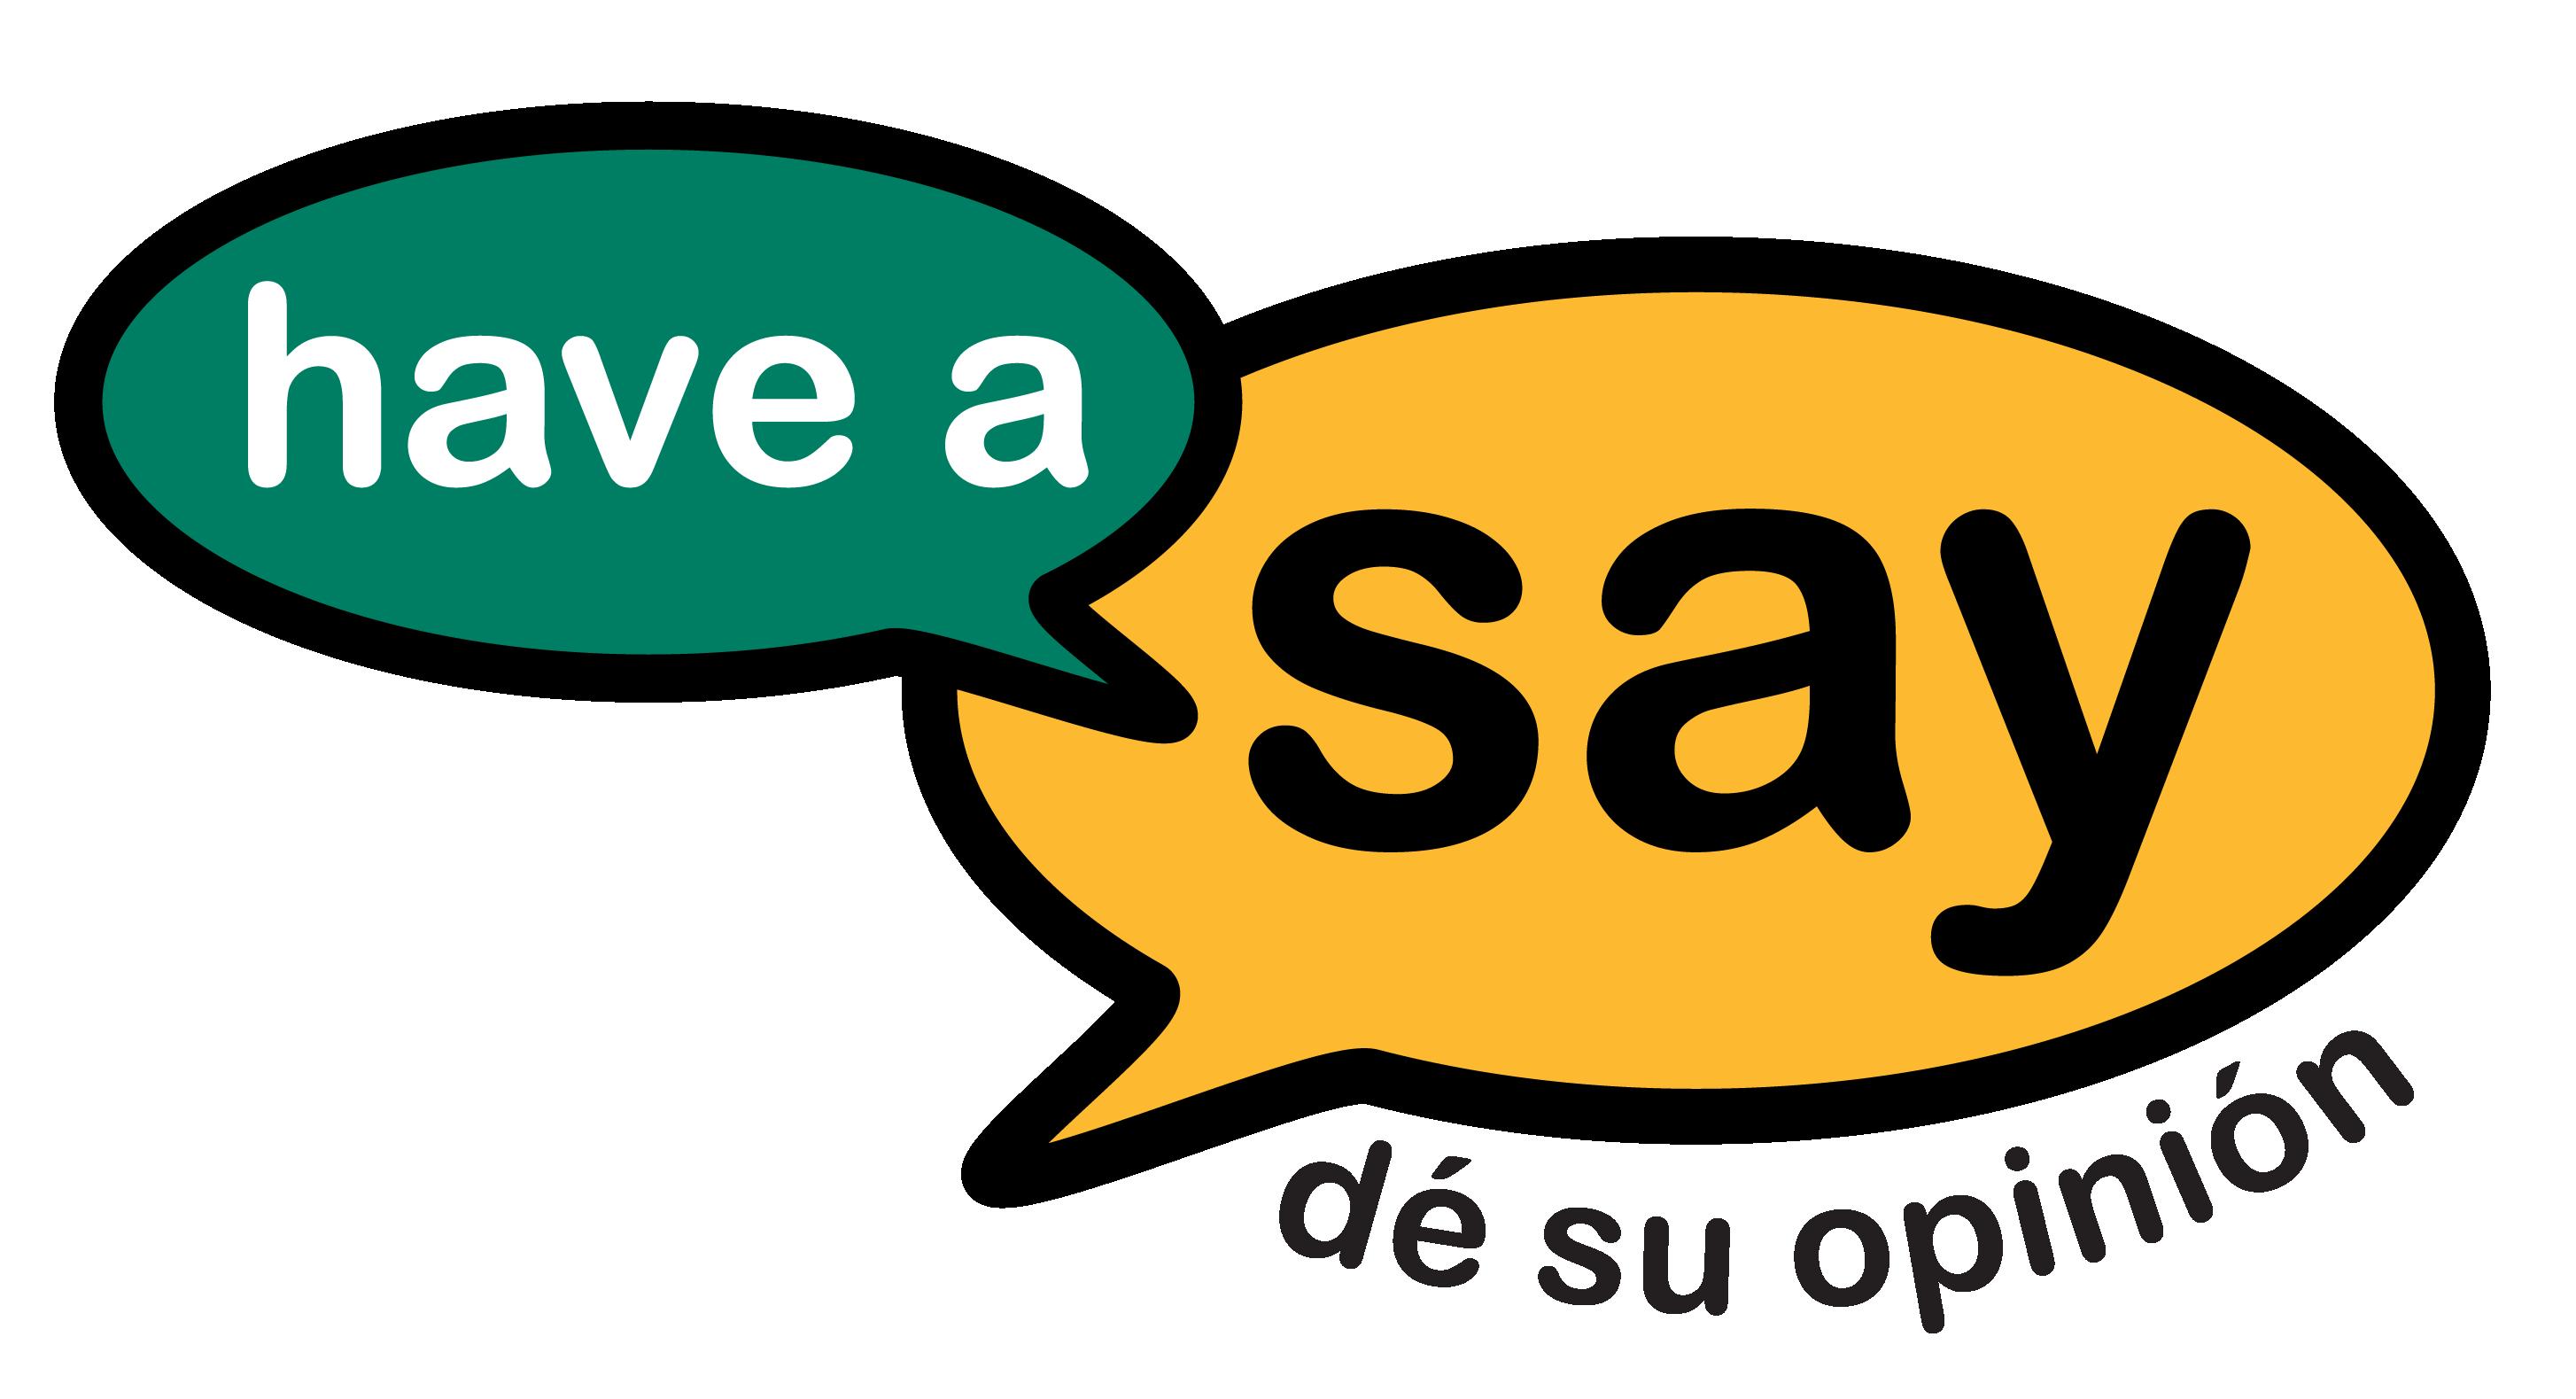 Have A Say - dé su opinión